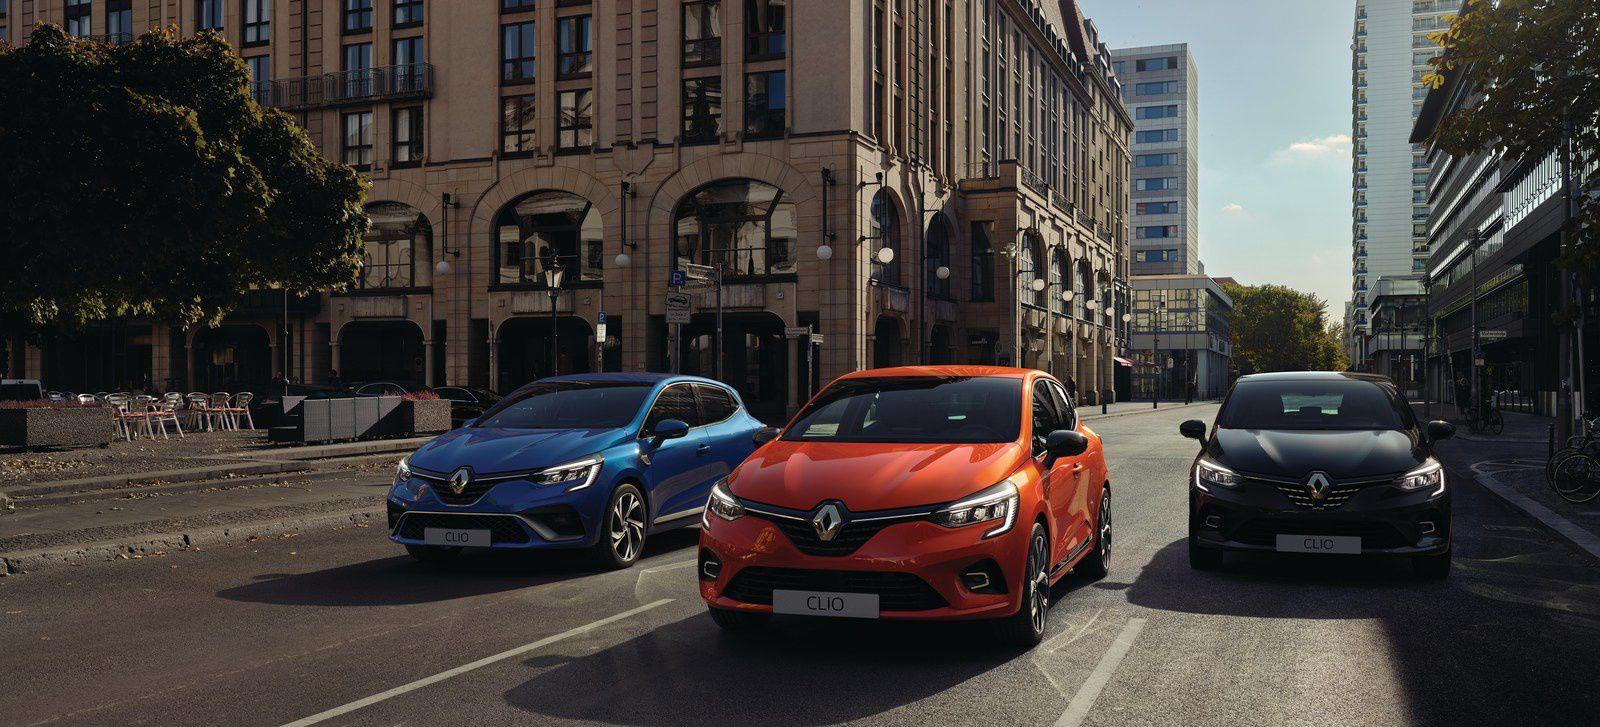 Renault Clio V : Echec interdit